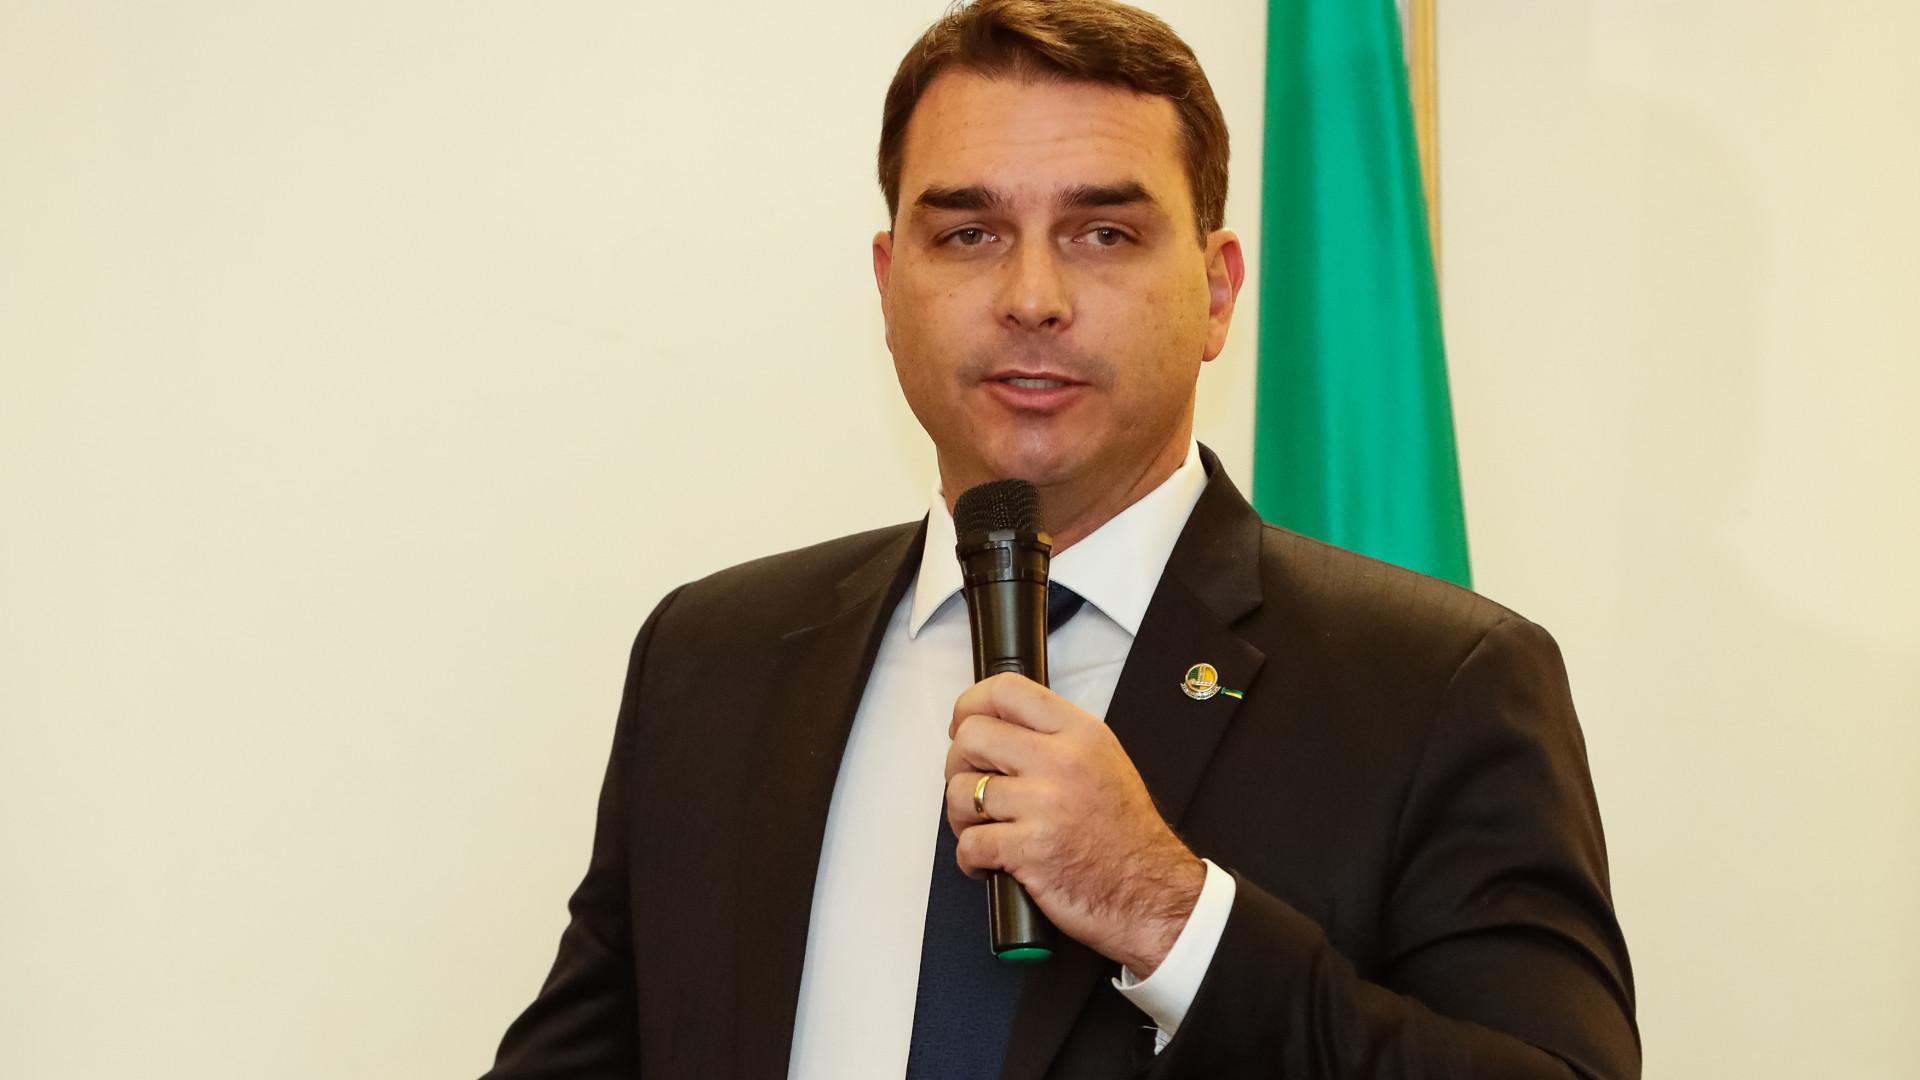 Flávio Bolsonaro diz ao SBT que pretende recorrer de quebra de sigilo